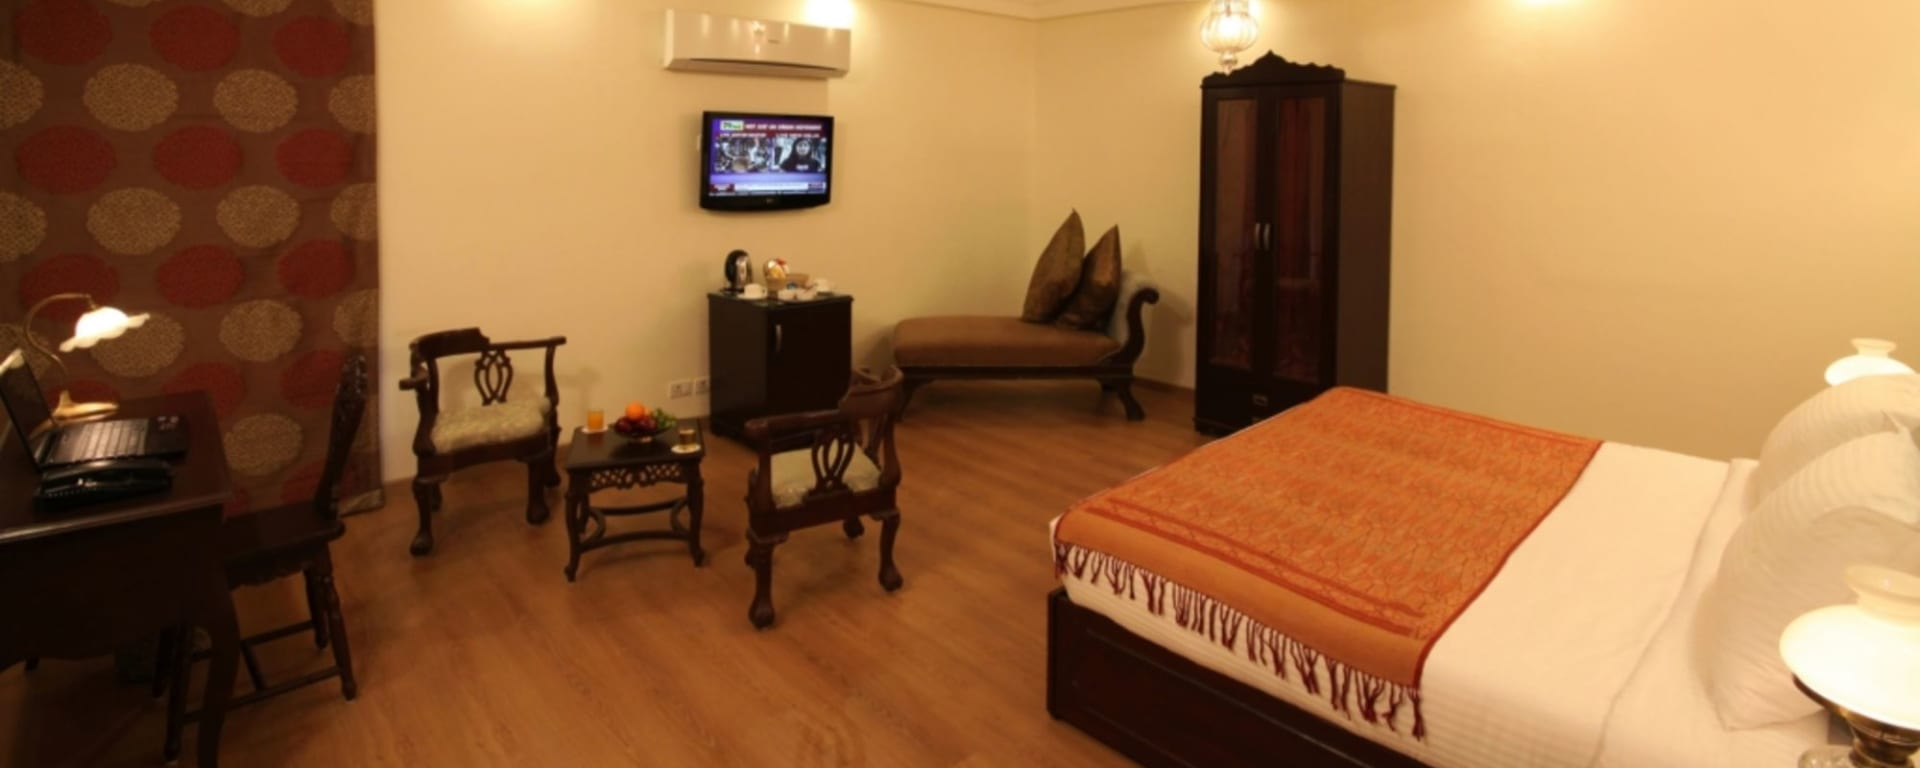 Suryauday Haveli à Varanasi: Standard